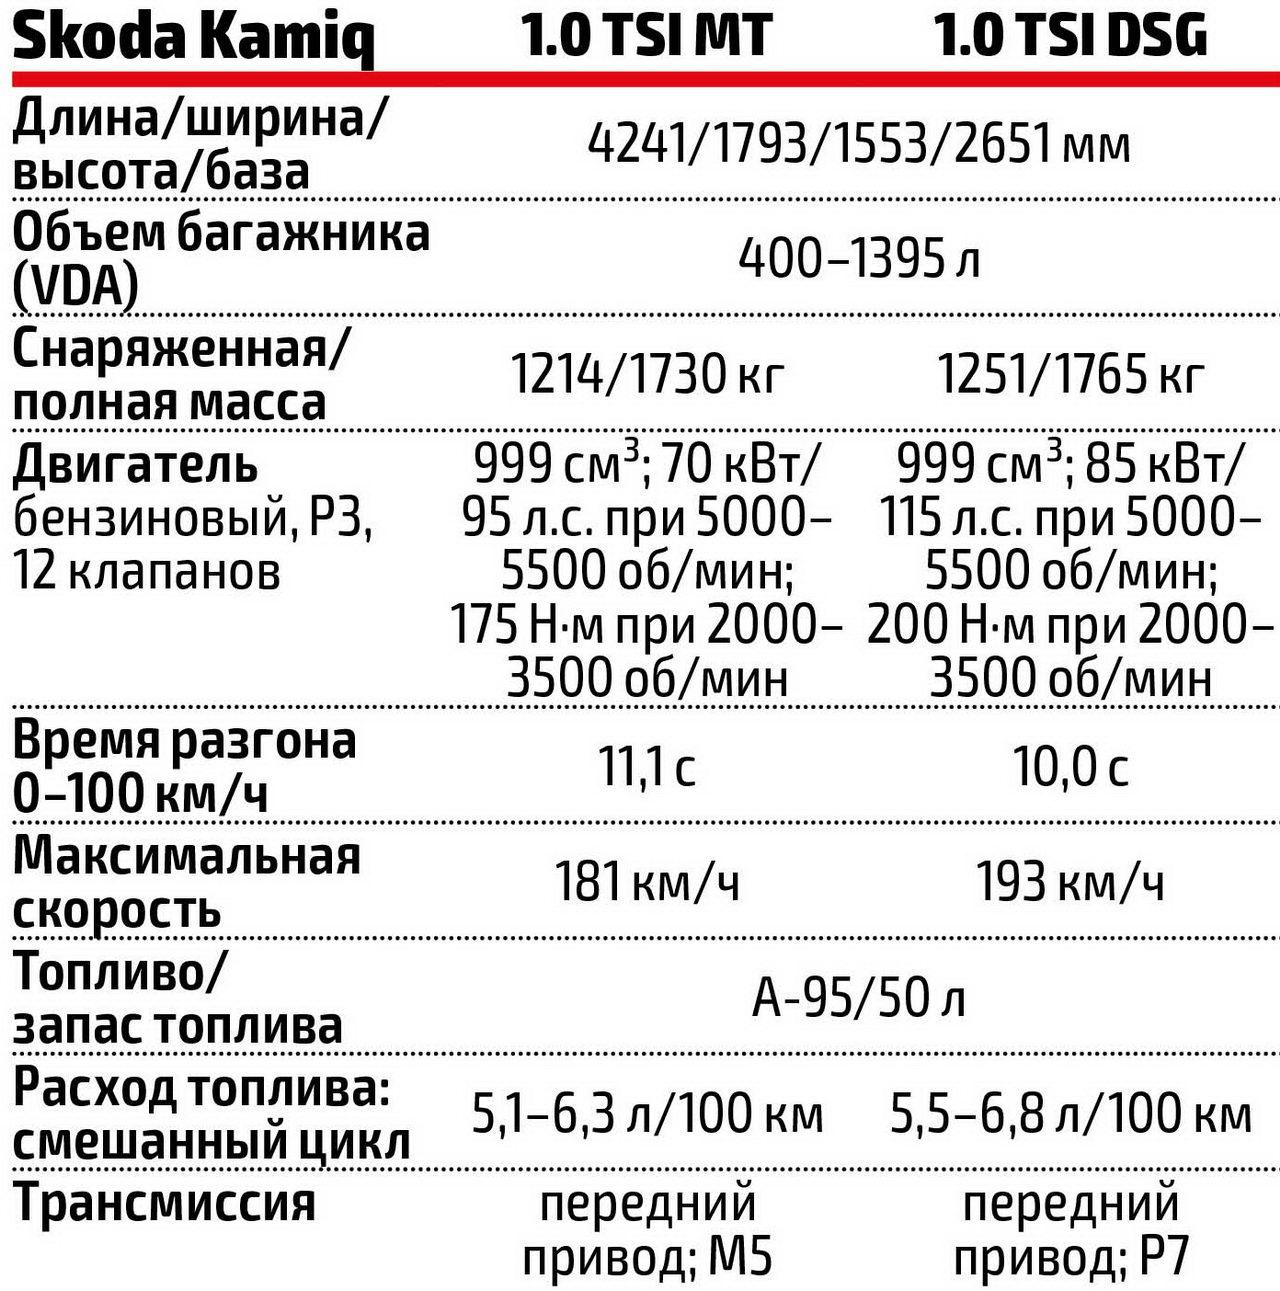 Skoda-Kamiq